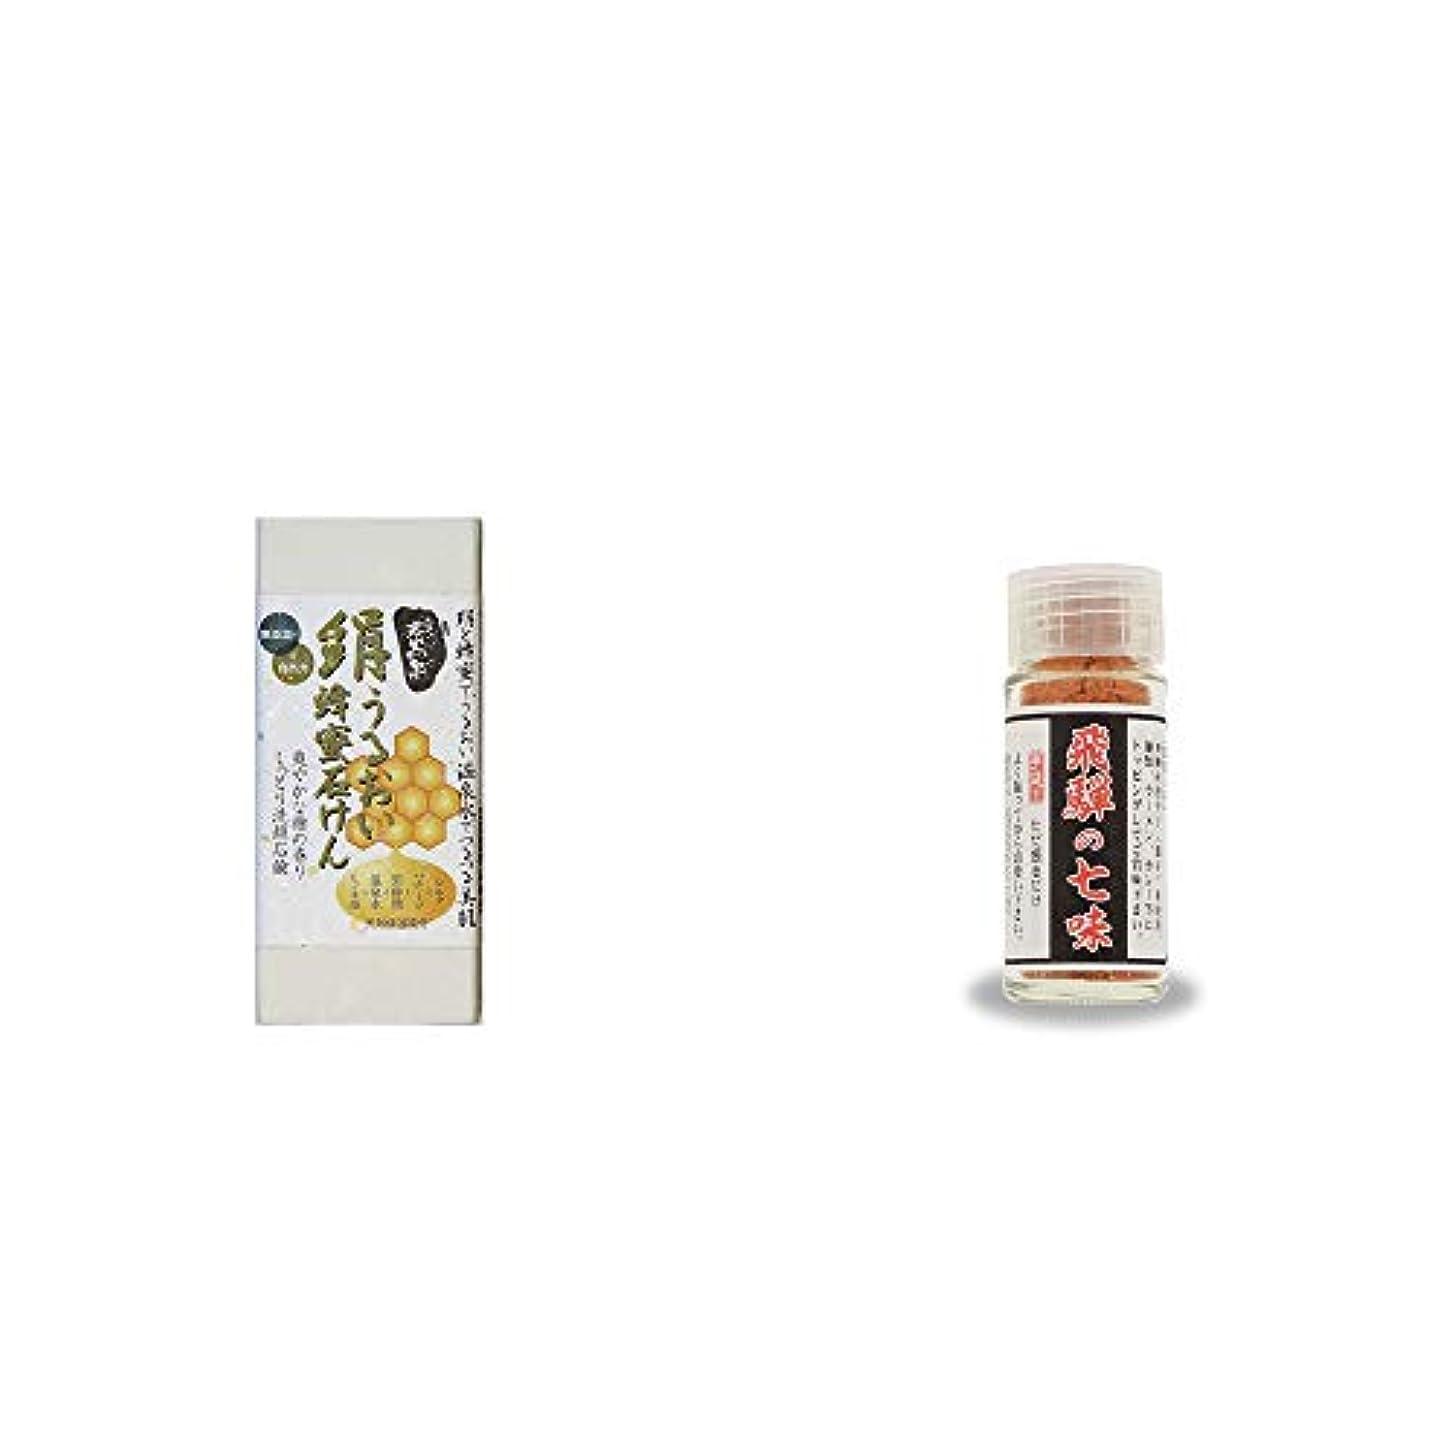 コンサルタントポゴスティックジャンプトレイ[2点セット] ひのき炭黒泉 絹うるおい蜂蜜石けん(75g×2)?手造り 飛騨の七味(15g)